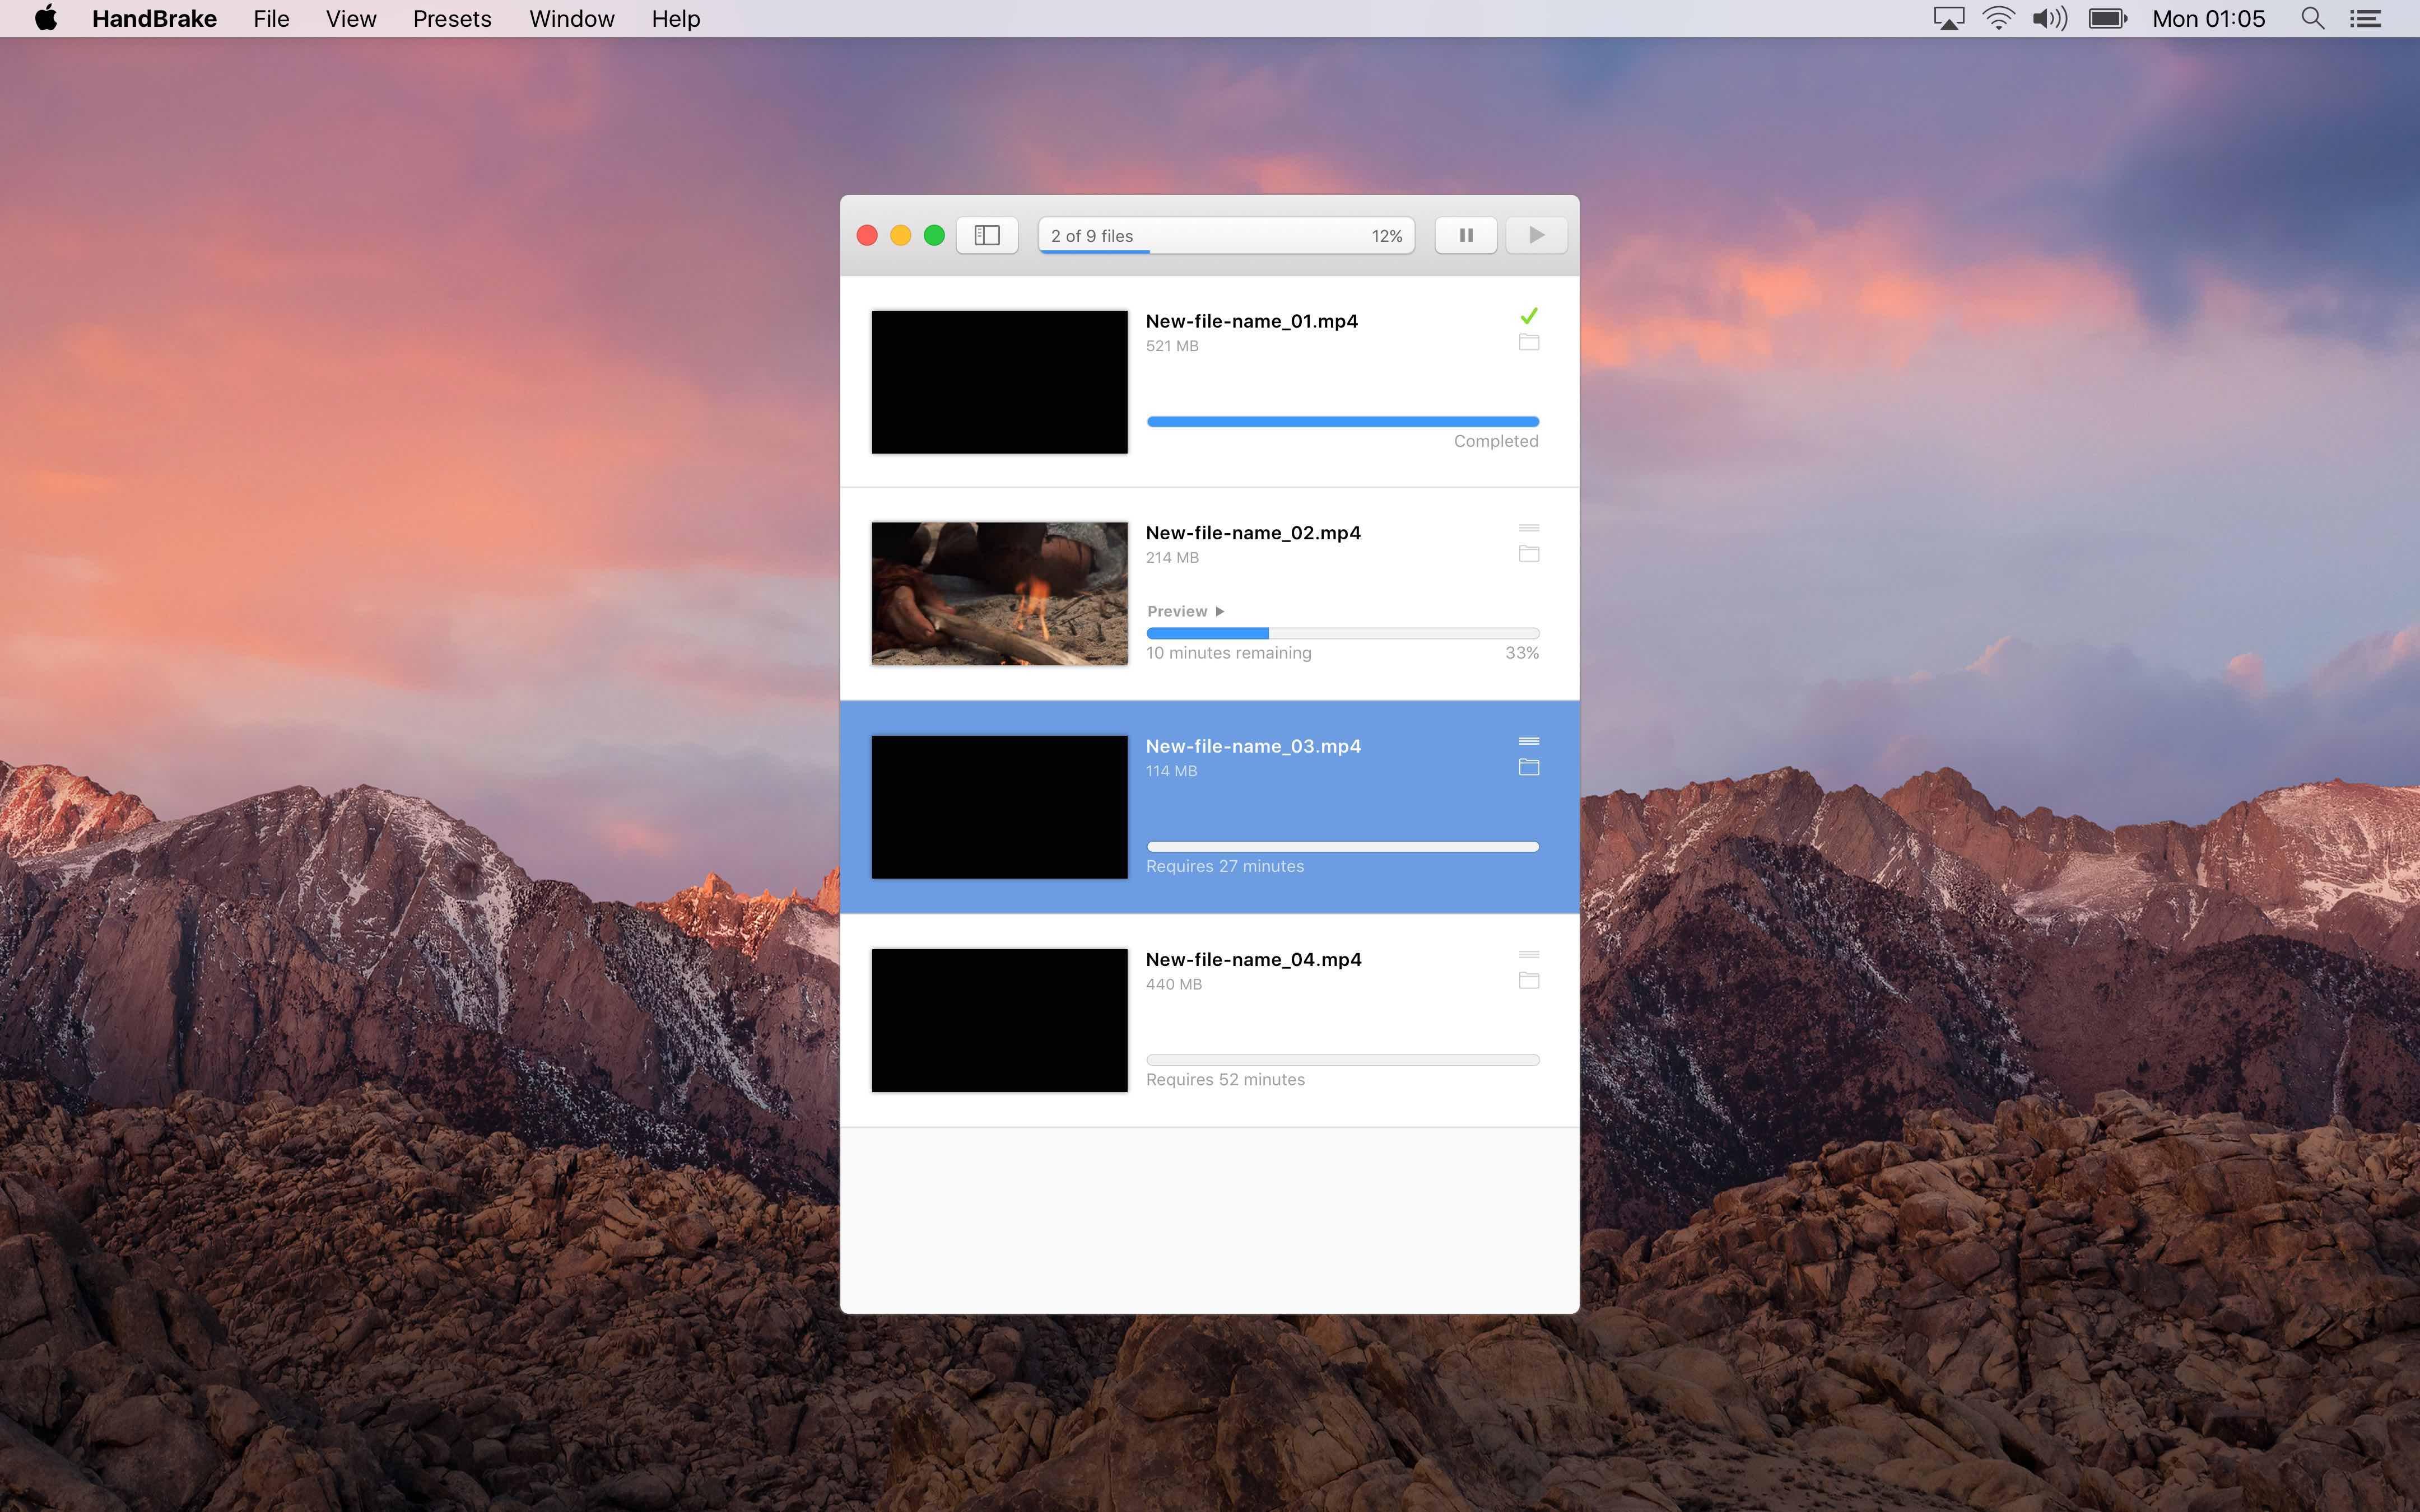 06 Desktop HB